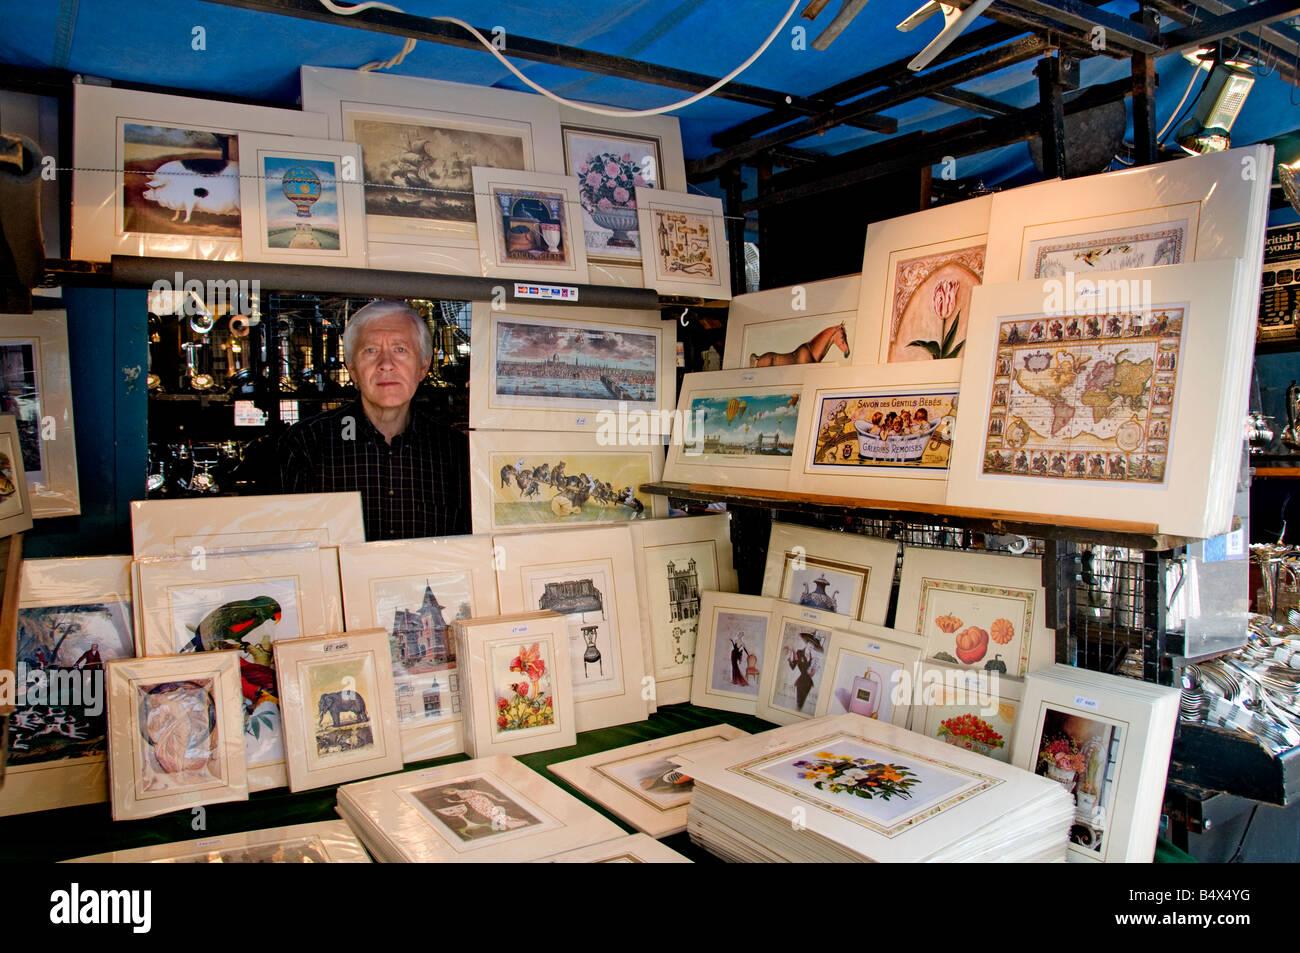 Portobello Road Market Notting Hill London  print engraving picture - Stock Image